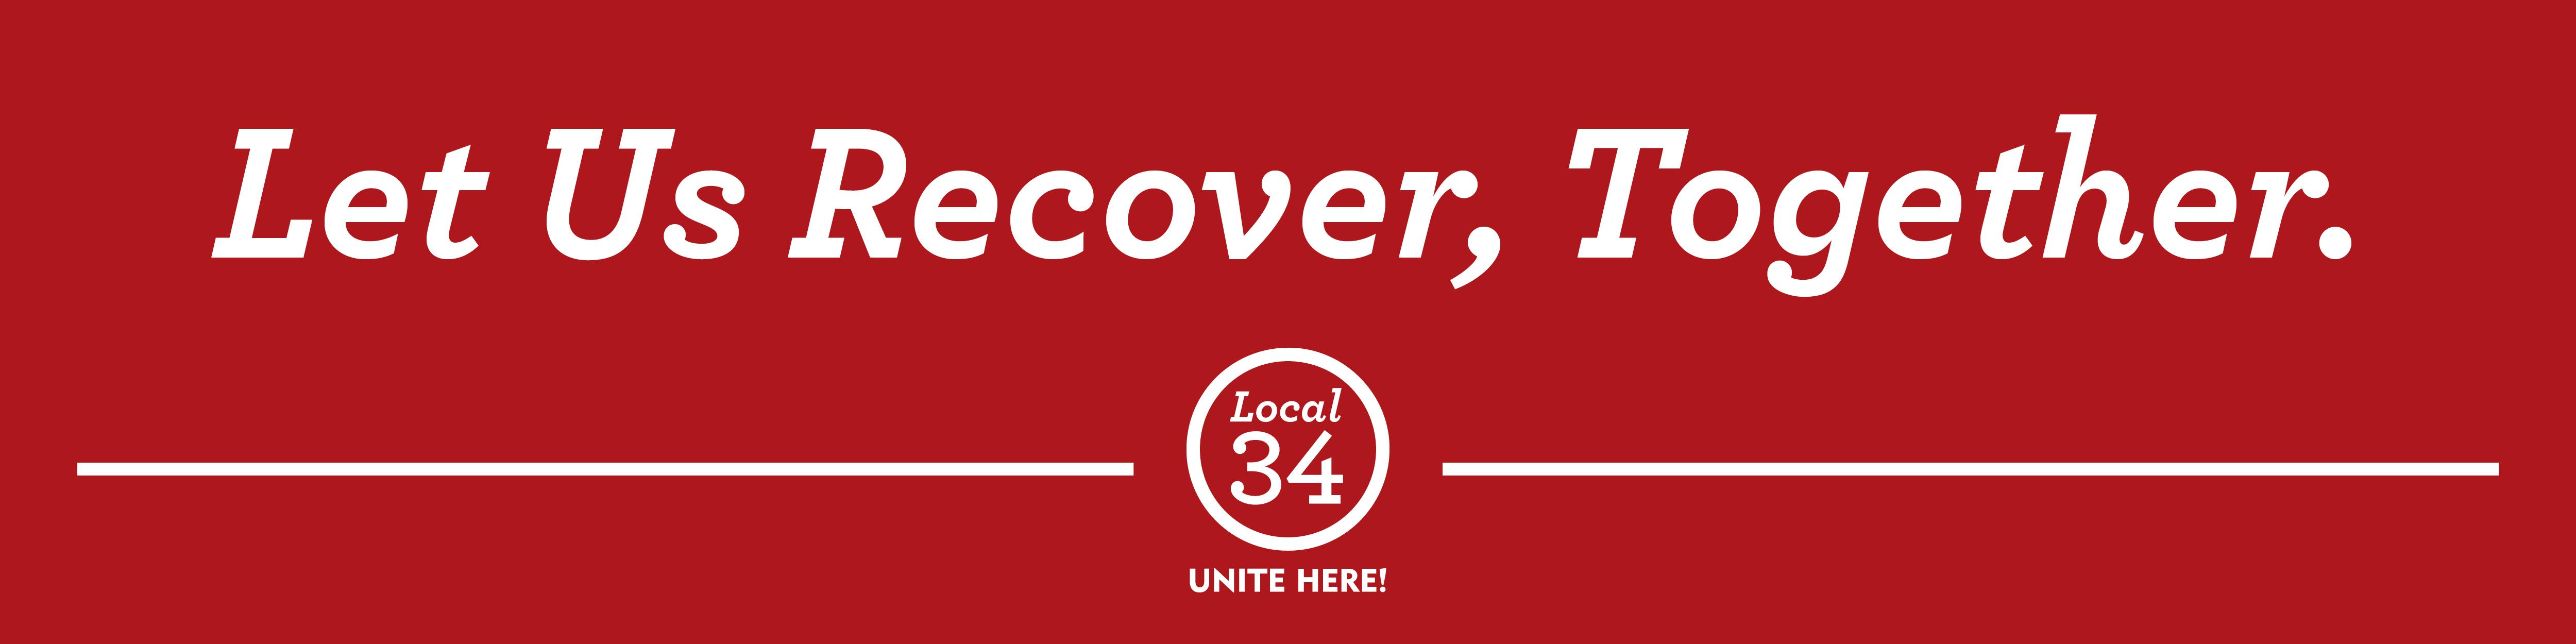 UNITE HERE Local 34